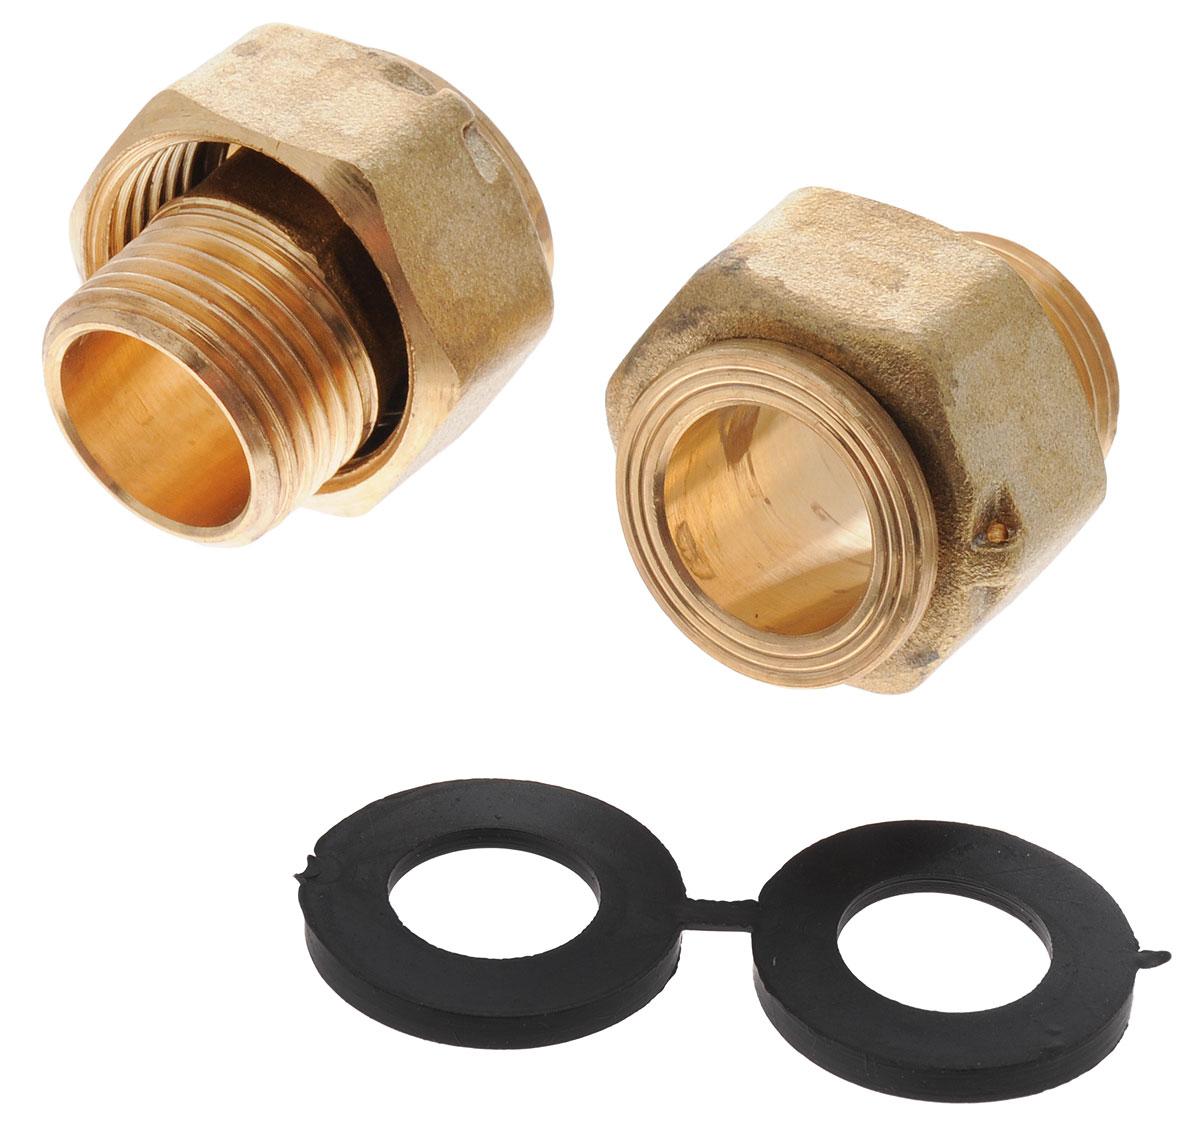 Штуцер для счетчика воды с накидной гайкой 1/2 JifИС.071229Штуцер для счетчика воды с накидной гайкой 1/2 предназначен для подключения счетчика в водопроводную систему. Диаметр: 1/2 (15 мм).Резьбовые фитинги JIF предназначены для создания простых и надежных разъемных соединений на трубопроводах, как холодного и горячего водоснабжения, так и отопления. Допускается применение резьбовых фитингов JIF не только в трубопроводах, выполненных из стали, но и в системах из меди, металлополимера и любых других материалов. Все резьбовые фитинги JIF произведены из латуни CW 617N / ЛС 59-2 по единой технологии с соблюдением требований международных стандартов. За всей продукцией осуществляется постоянный контроль в течение всего технологического процесса.Нормативный срок службы: 30 лет.Максимальная рабочая температура: +200°С.Максимальное рабочее давление: 40 бар (1/2, 3/4, 1), 25 бар (1 1/4, 1 1/2, 2).Диаметр: 1/2 (15 мм).Вес, кг: 0,131.Родина бренда: Китай.